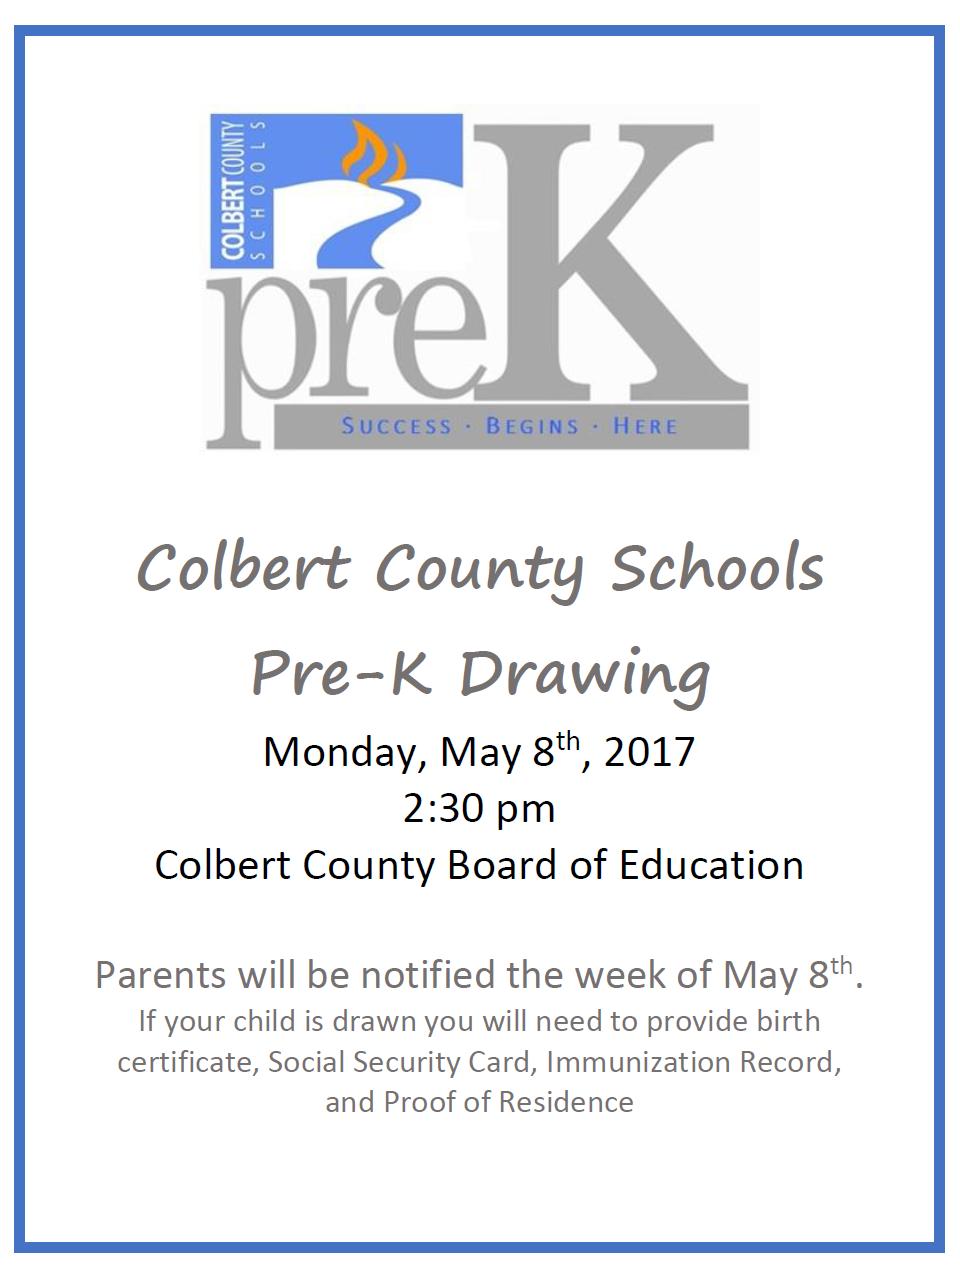 Pre-K Drawing 2017